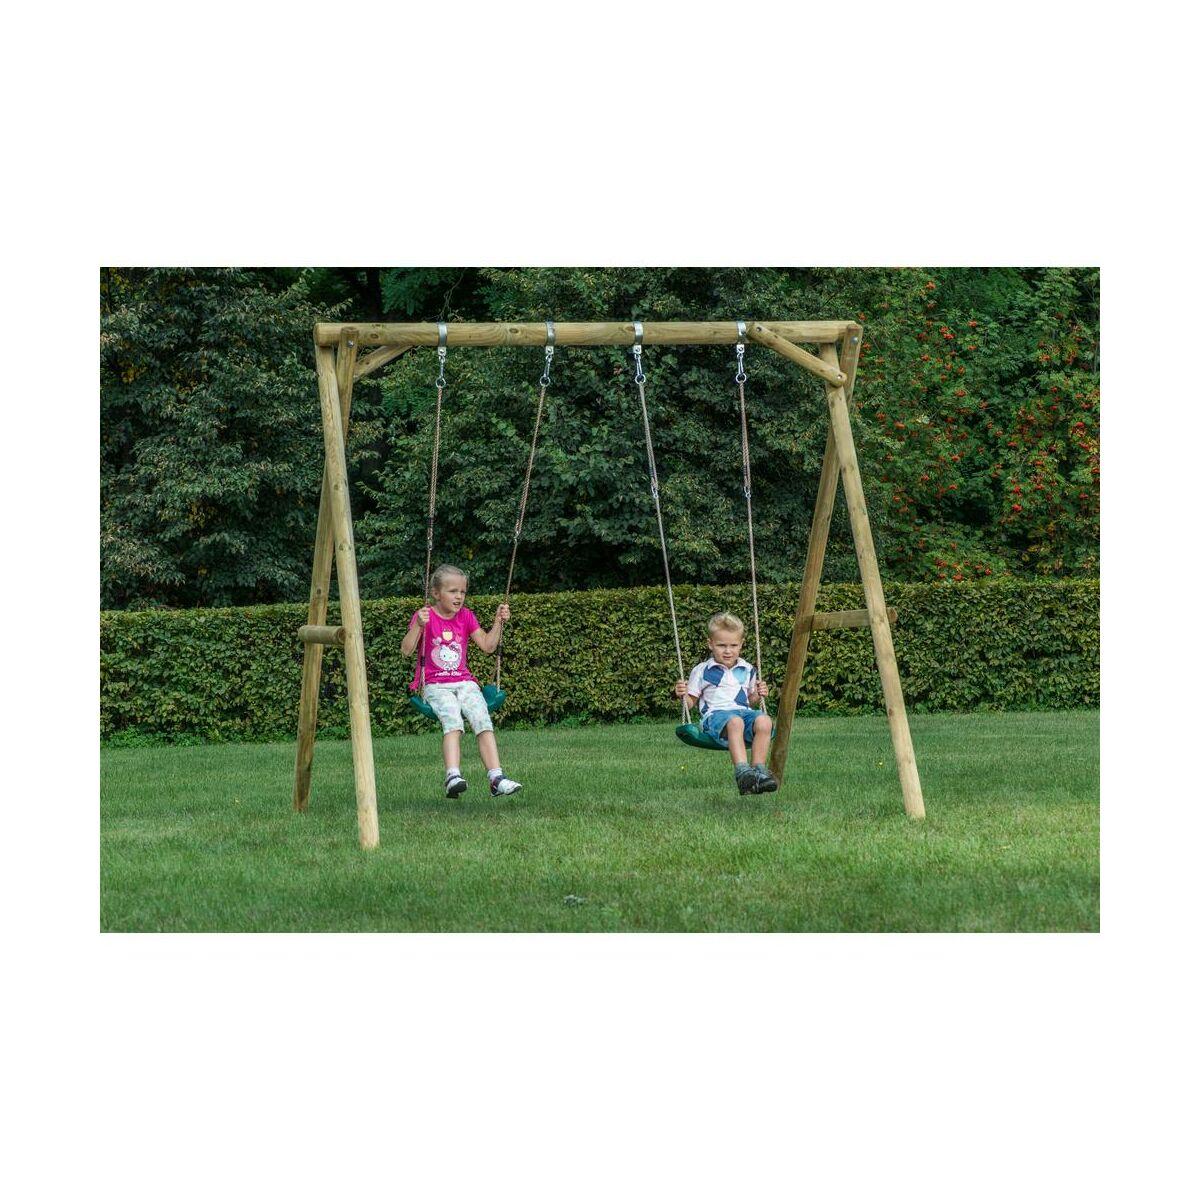 Ogrodowa Hustawka Dla Dzieci Mini Plus Drewniana Sobex Hustawki Dla Dzieci Bujaki W Atrakcyjnej Cenie W Sklepach Leroy Merlin